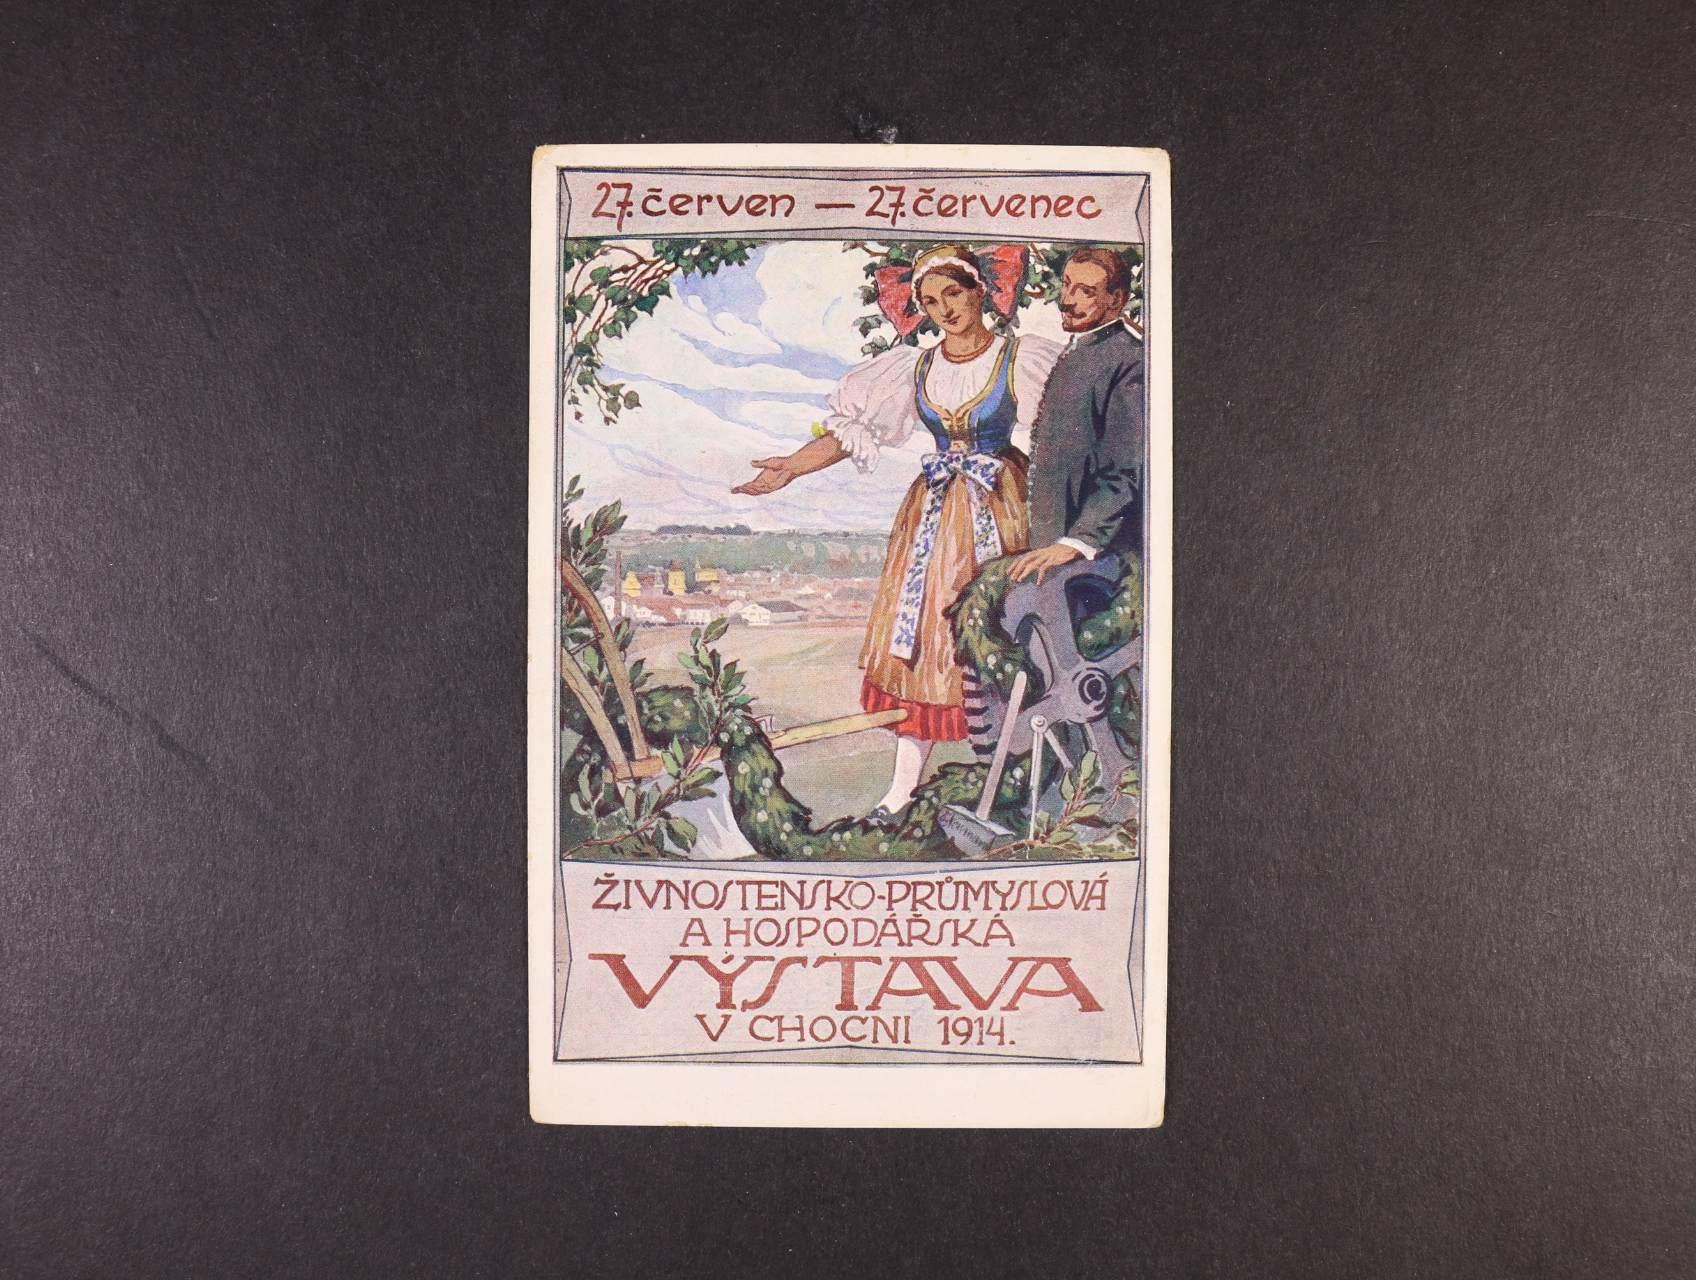 Výstavy - Choceň ŽIVNOSTENSKO - PRŮMYSLOVÁ A HOSPODÁŘSKÁ VÝSTAVA 1914, použitá 1914